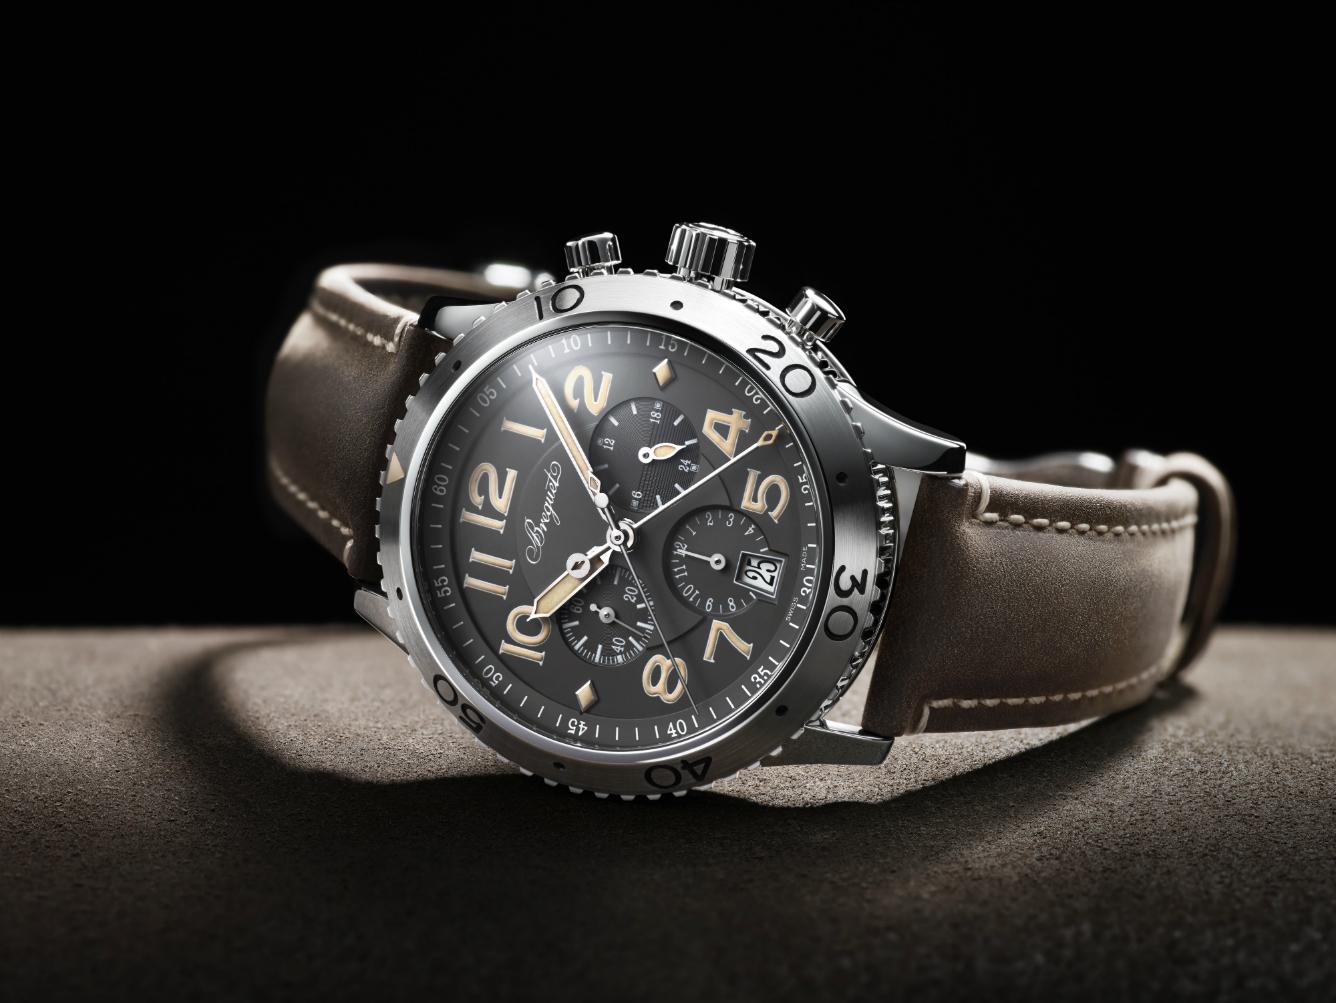 Breguet-Type-XX-3813-Only-Watch-2015.jpg